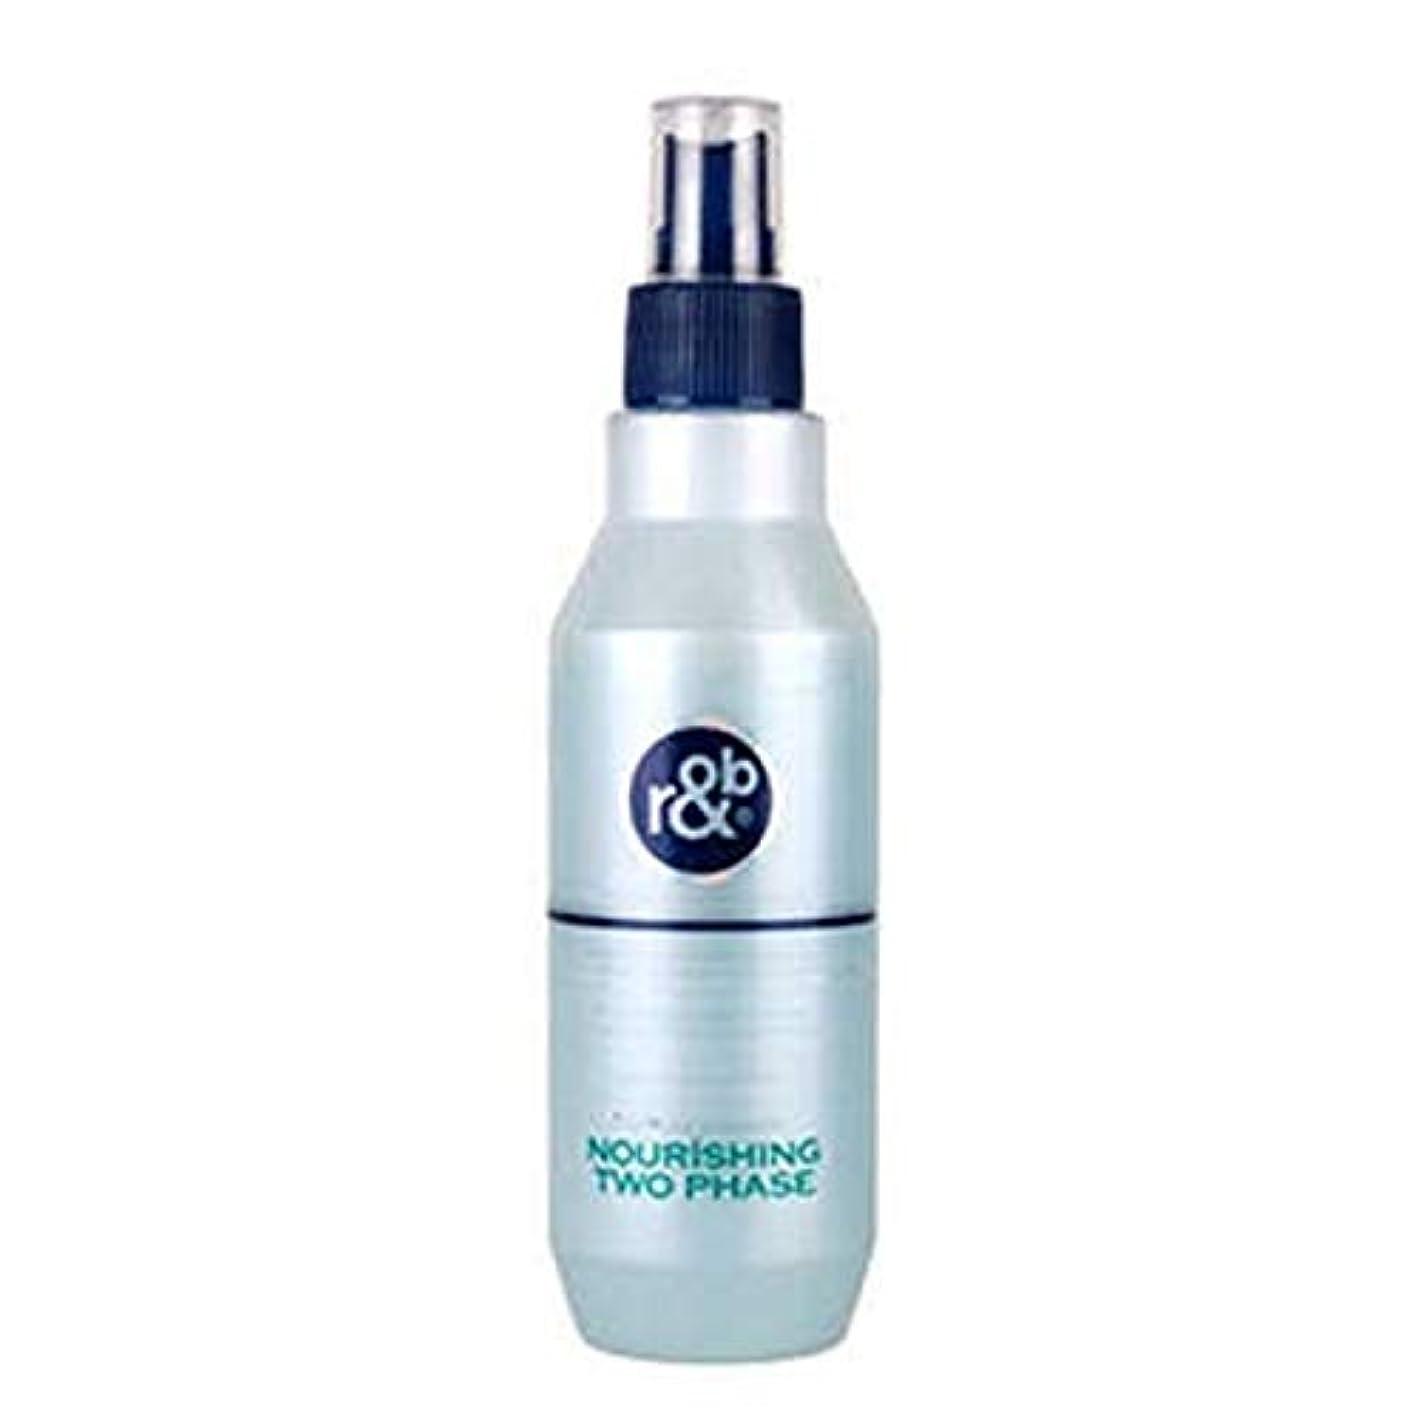 火山学者悲しいことに拷問フィトン セラピー ナリッシング 2 段階 250ml - アウトバス ヘア コンディショナー ( Phyton Therapy Nourishing Two Phase 250ml - leave in Hair Conditioner...